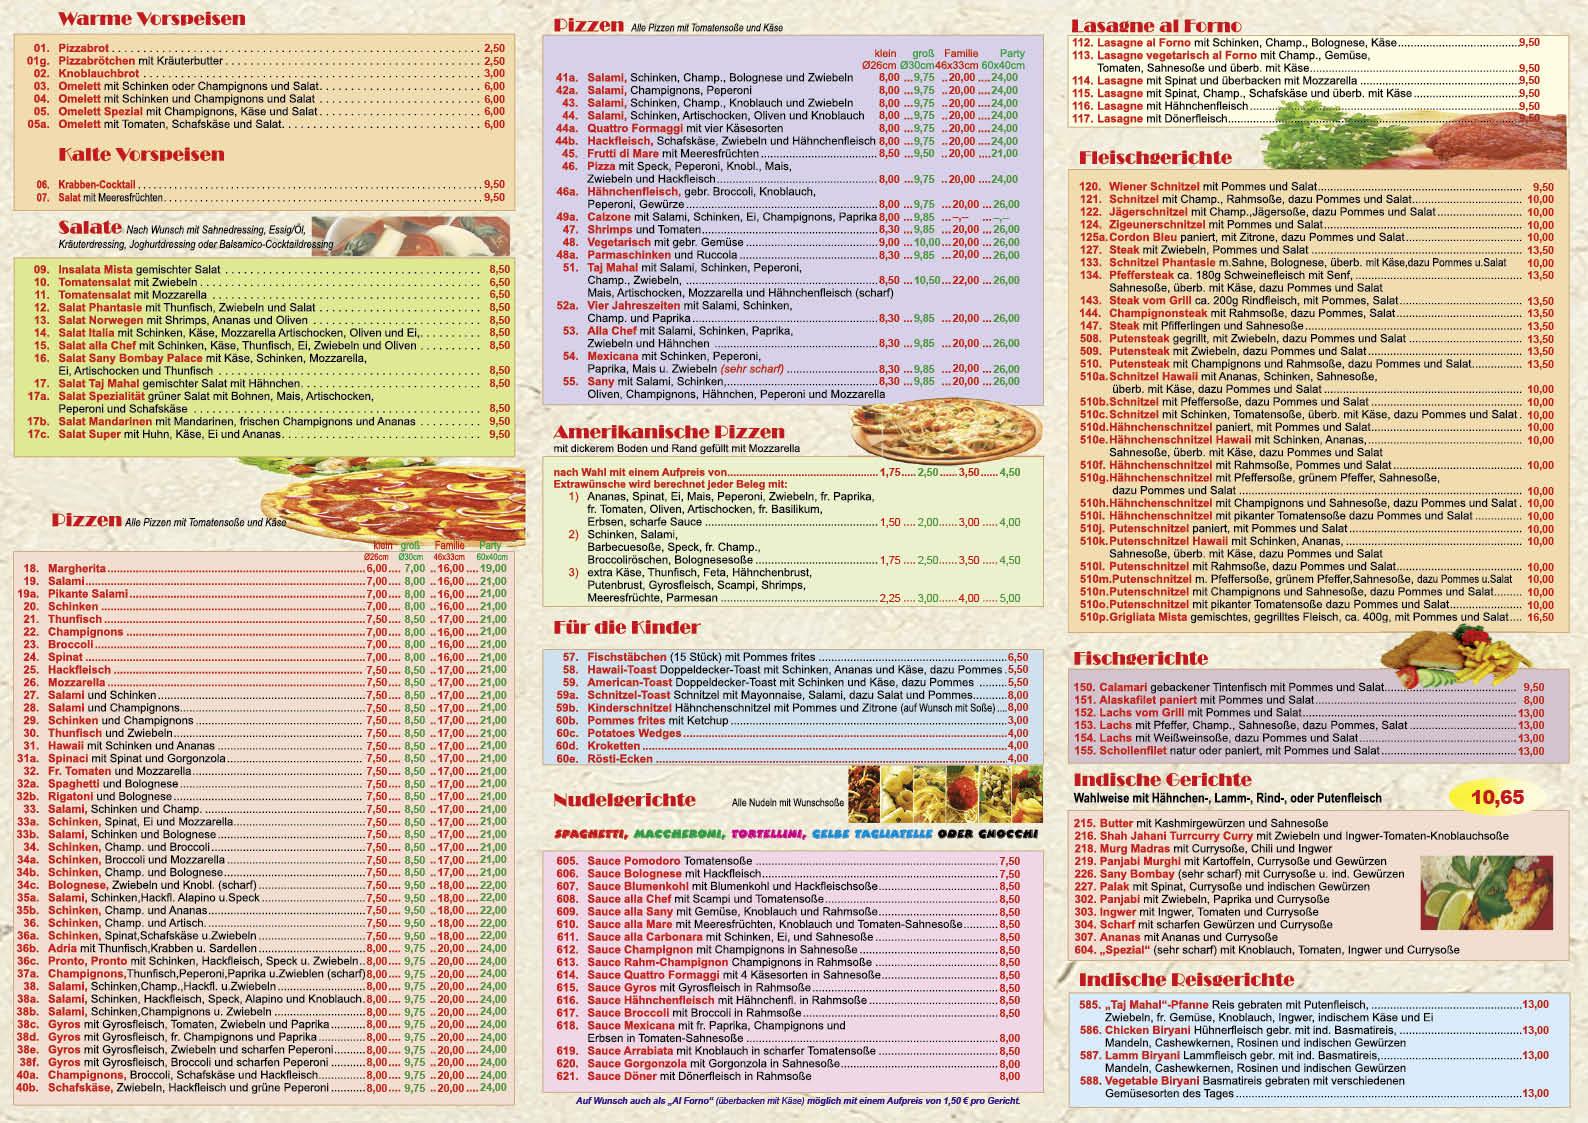 Indisches restaurant plauen